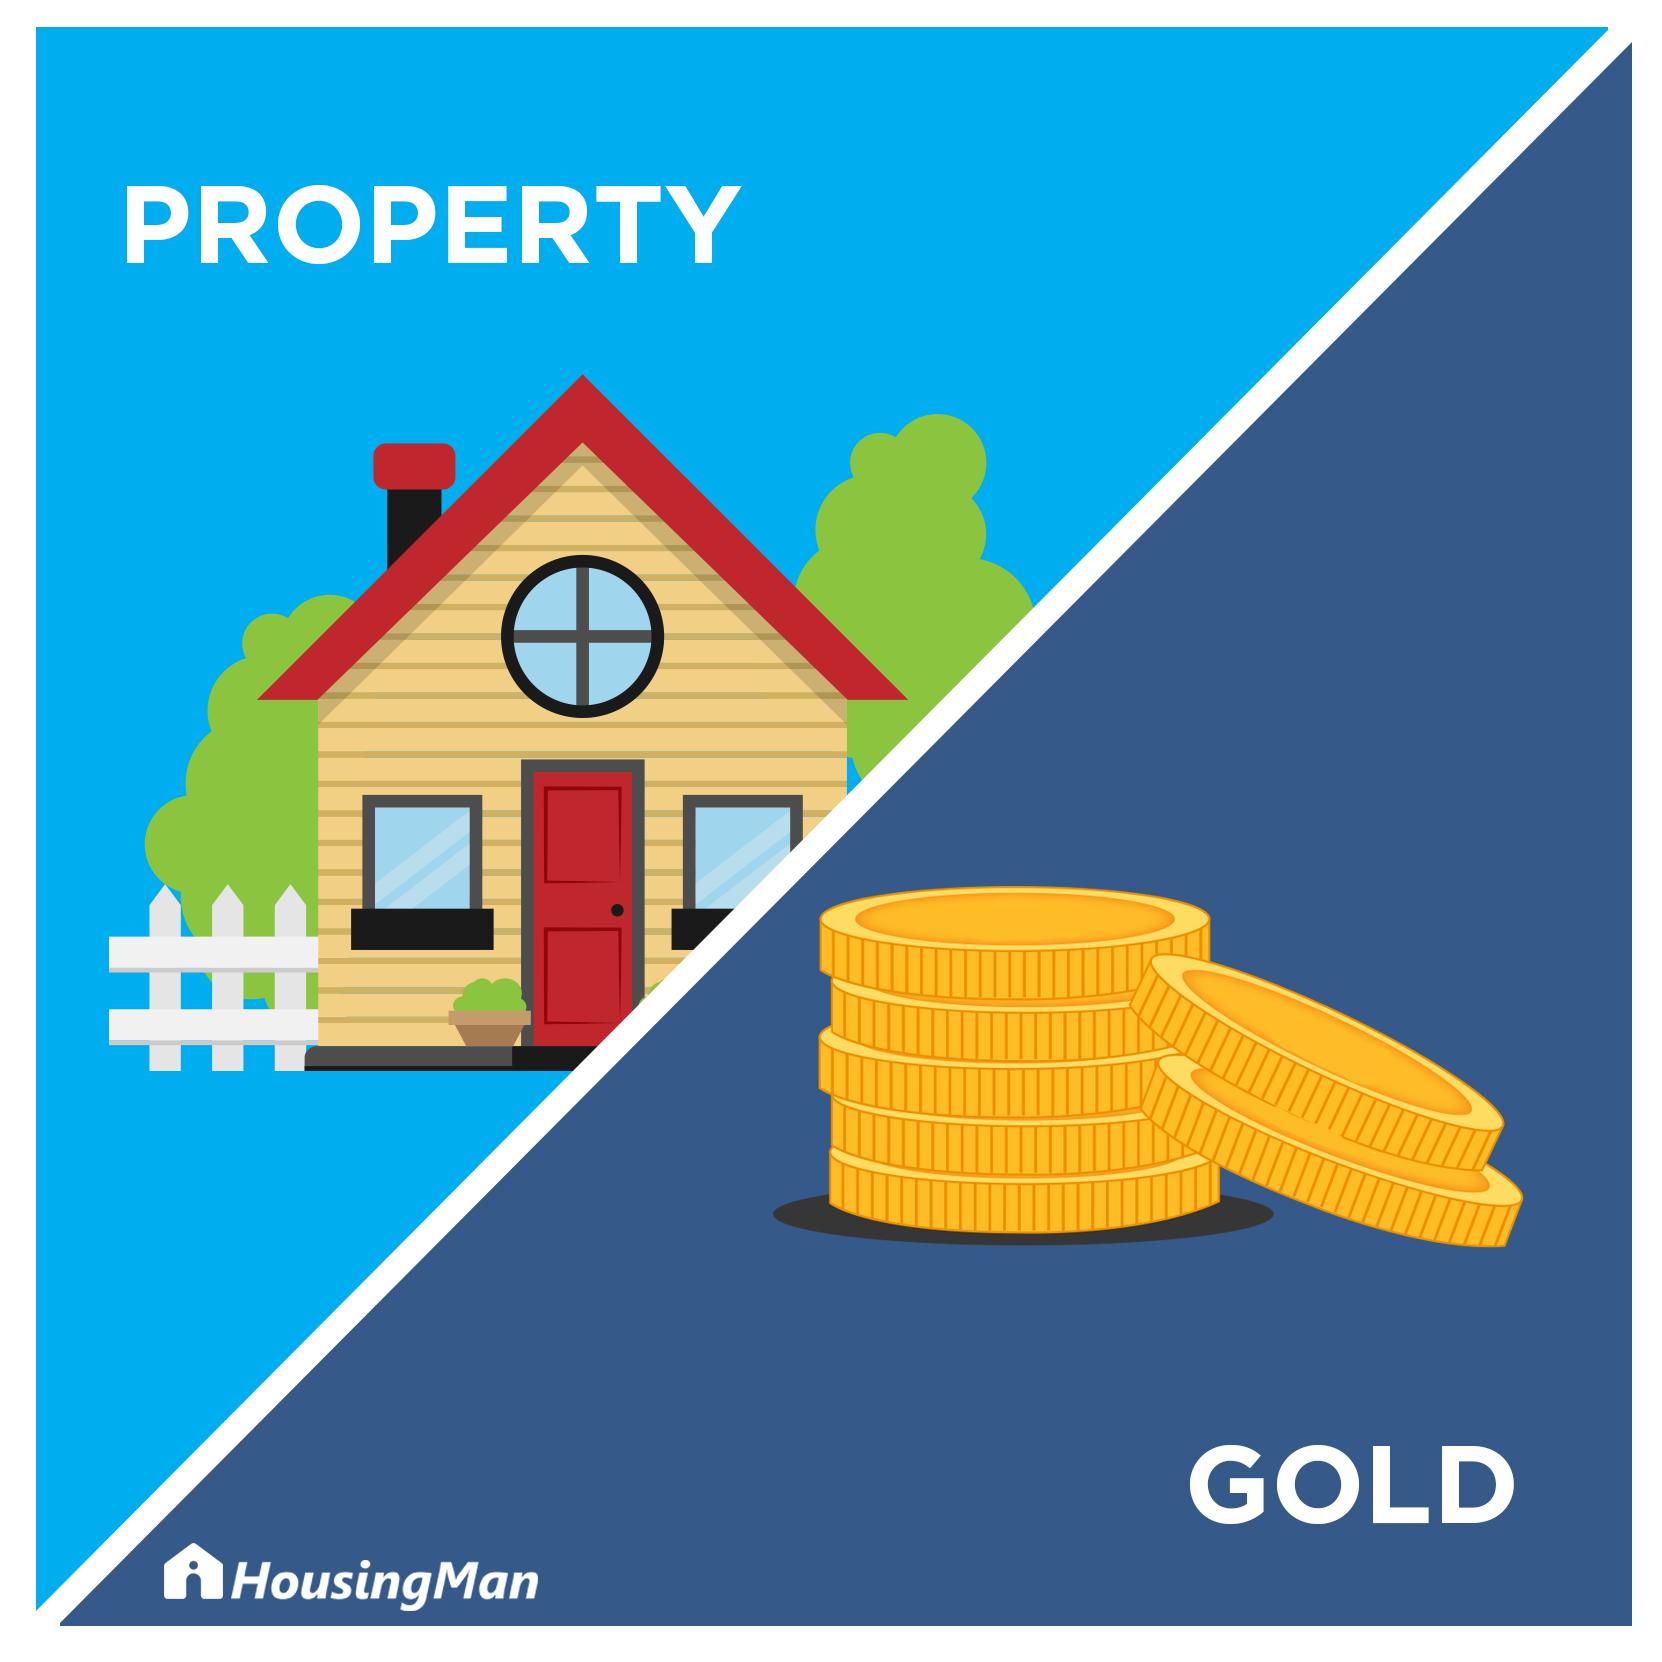 Akshaya Tritiya - Property or Gold investment